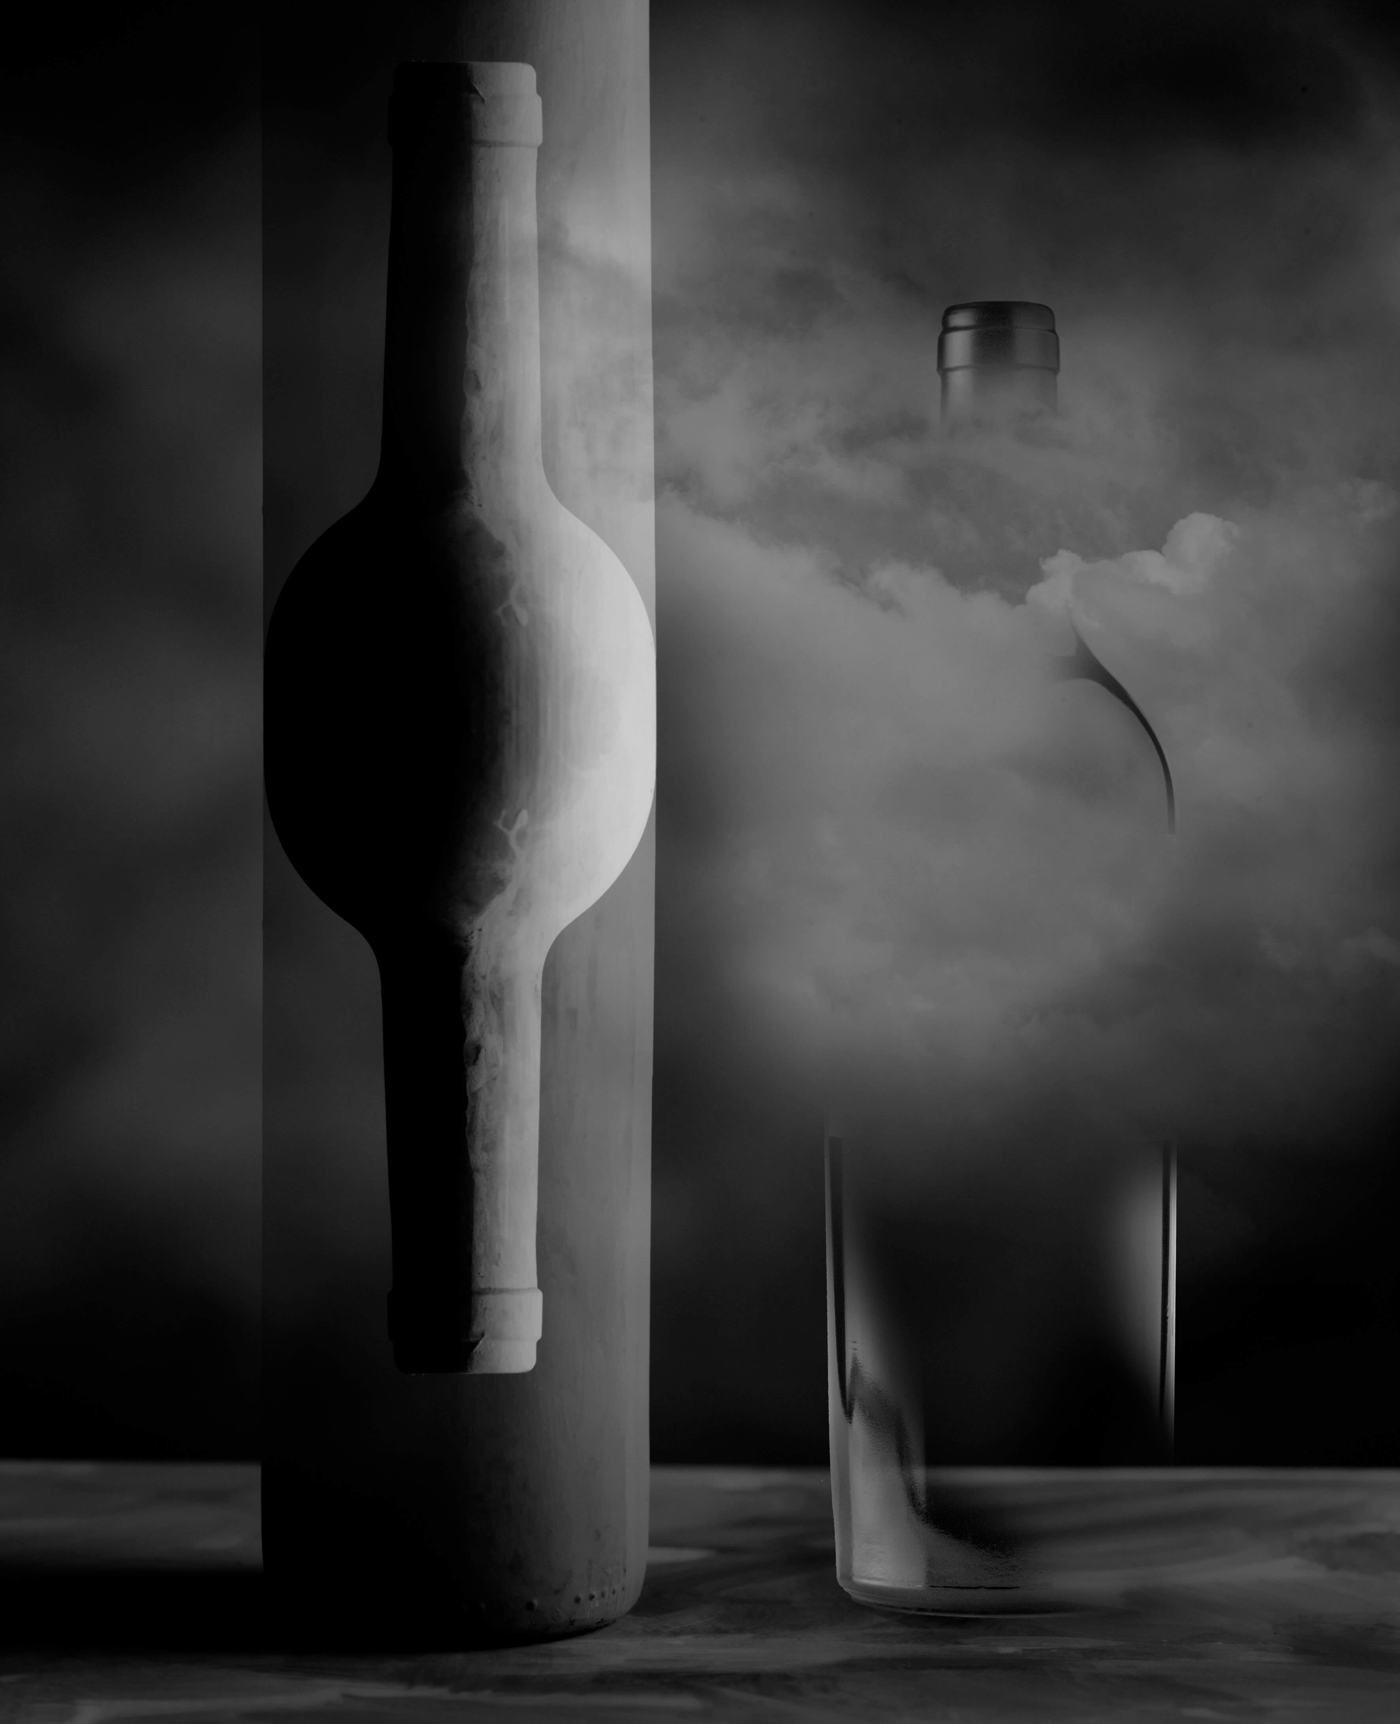 La obra 'Cuéntame' de Javier Muro, primer premio del XX Concurso de Fotografía de El Rioja y los 5 Sentidos 1